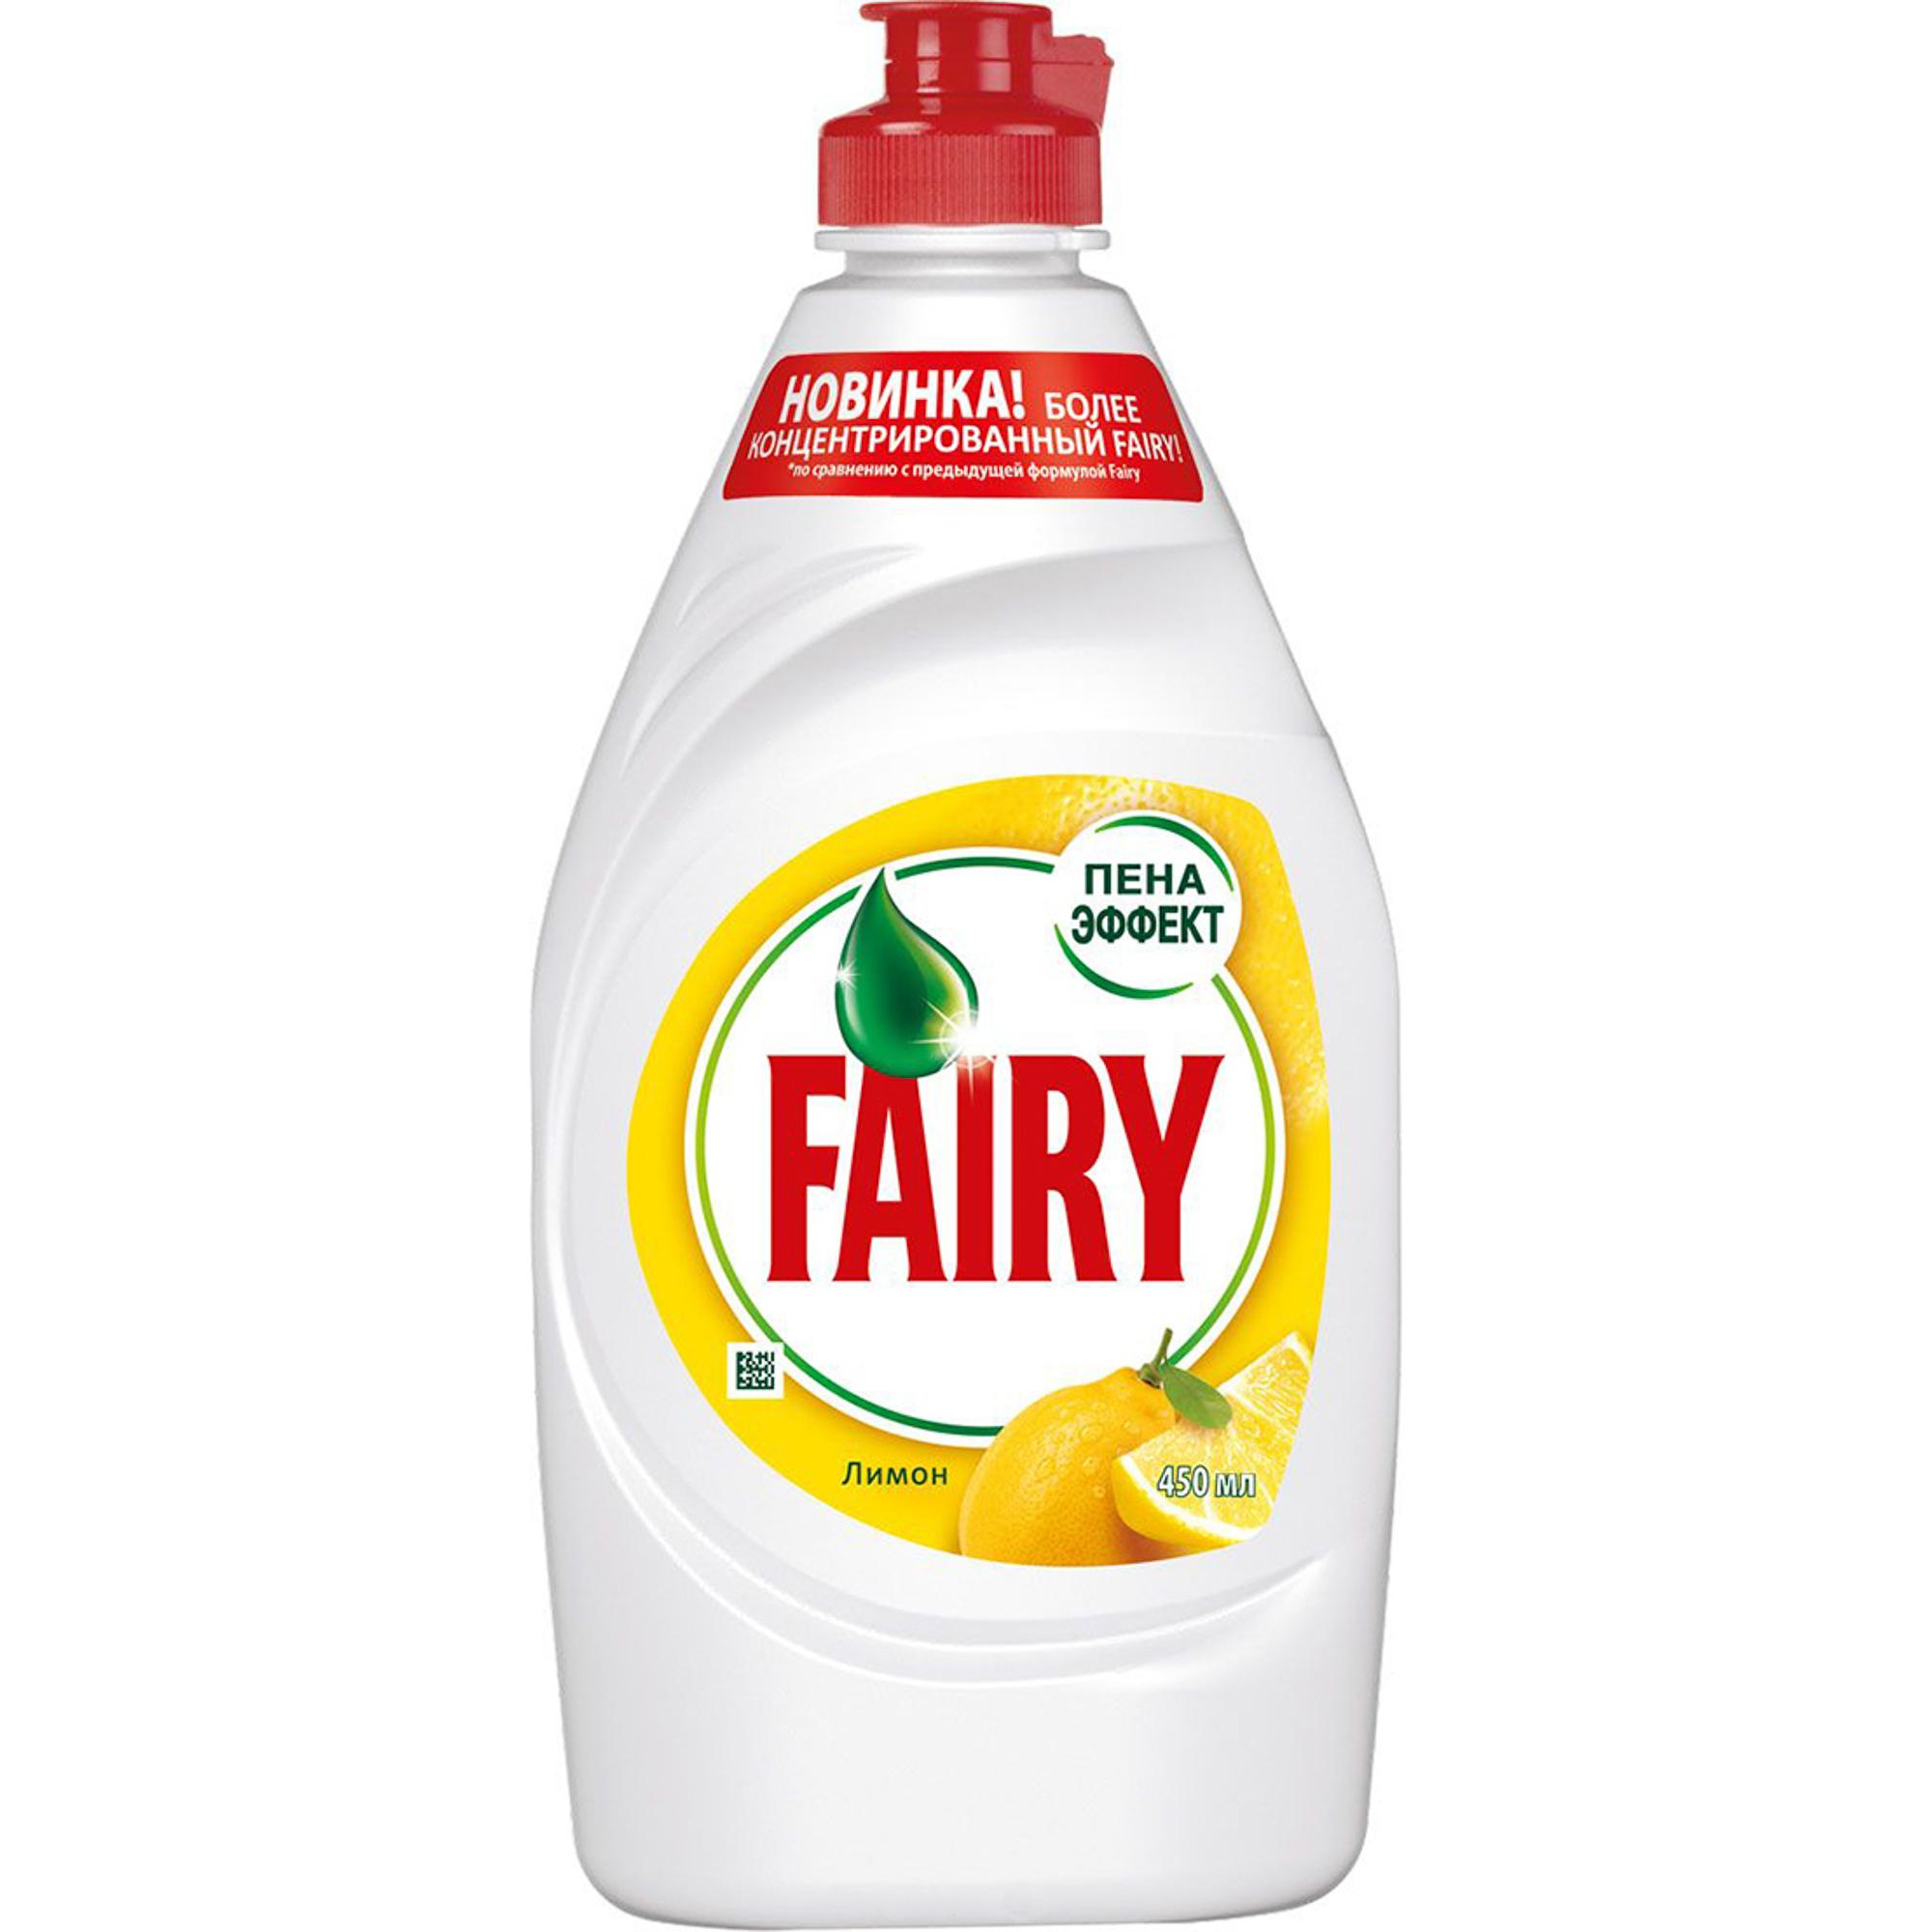 Фото - Средство для мытья посуды Fairy Сочный лимон 450 мл средство для мытья посуды fairy сочный лимон 900мл